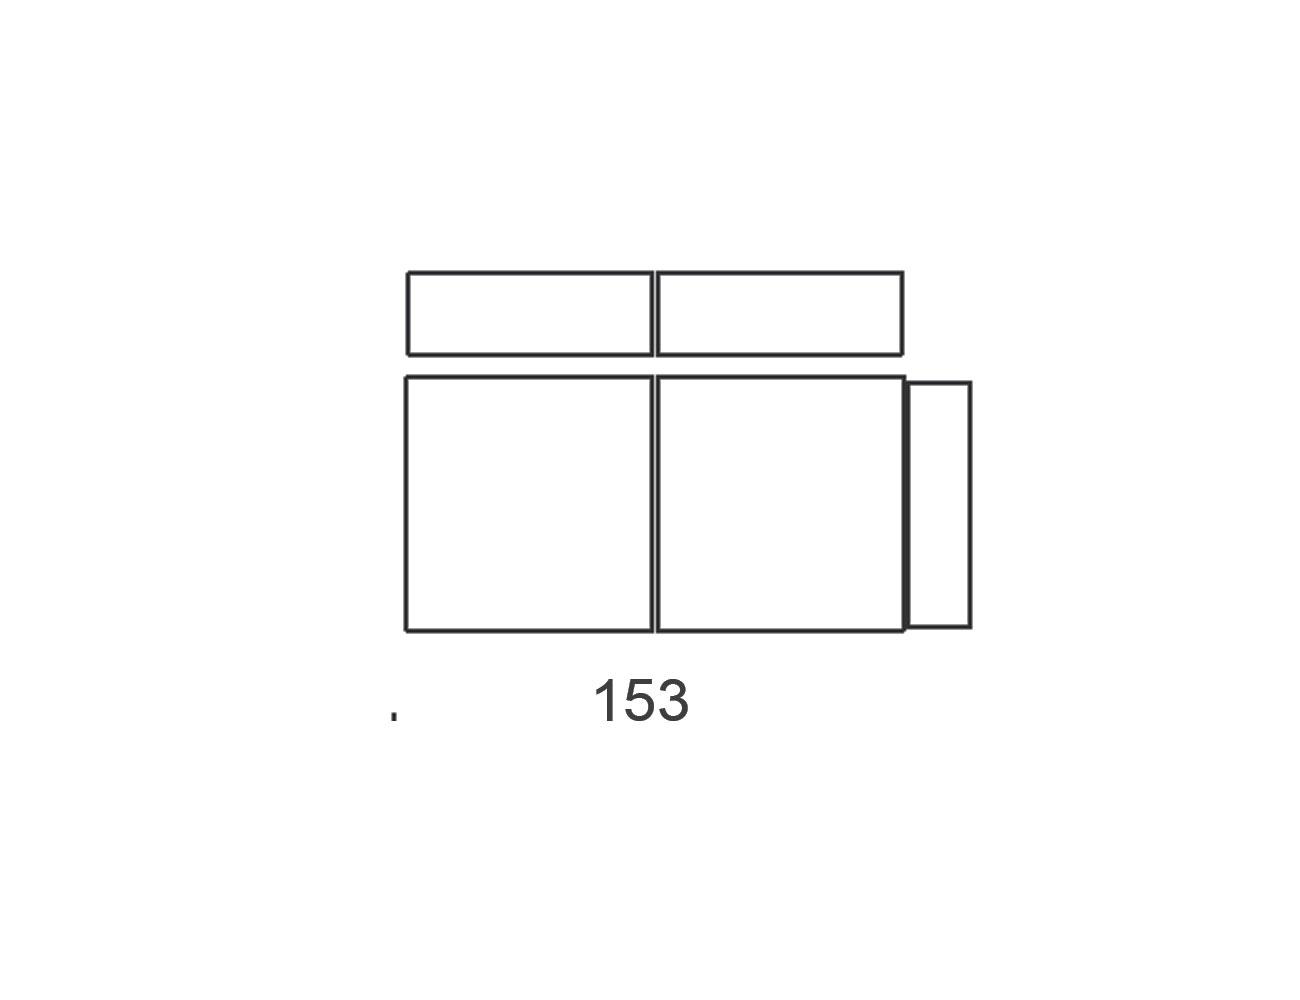 Modulo 153